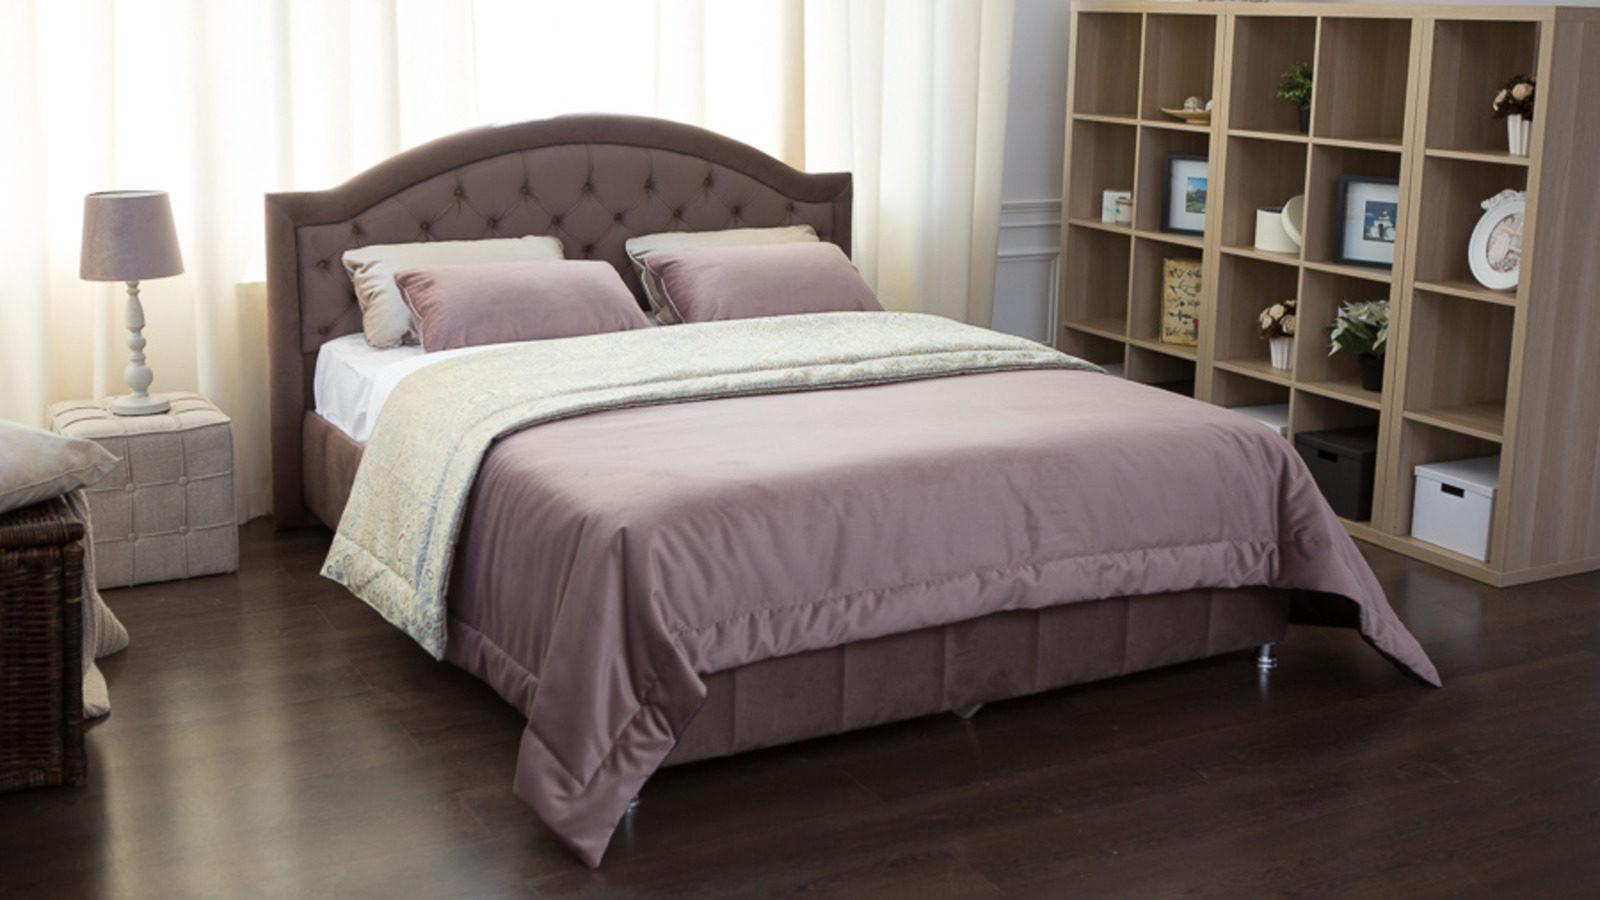 Фото - Кровать с подъемным механизмом Askona Afina кровать с подъемным механизмом askona milana